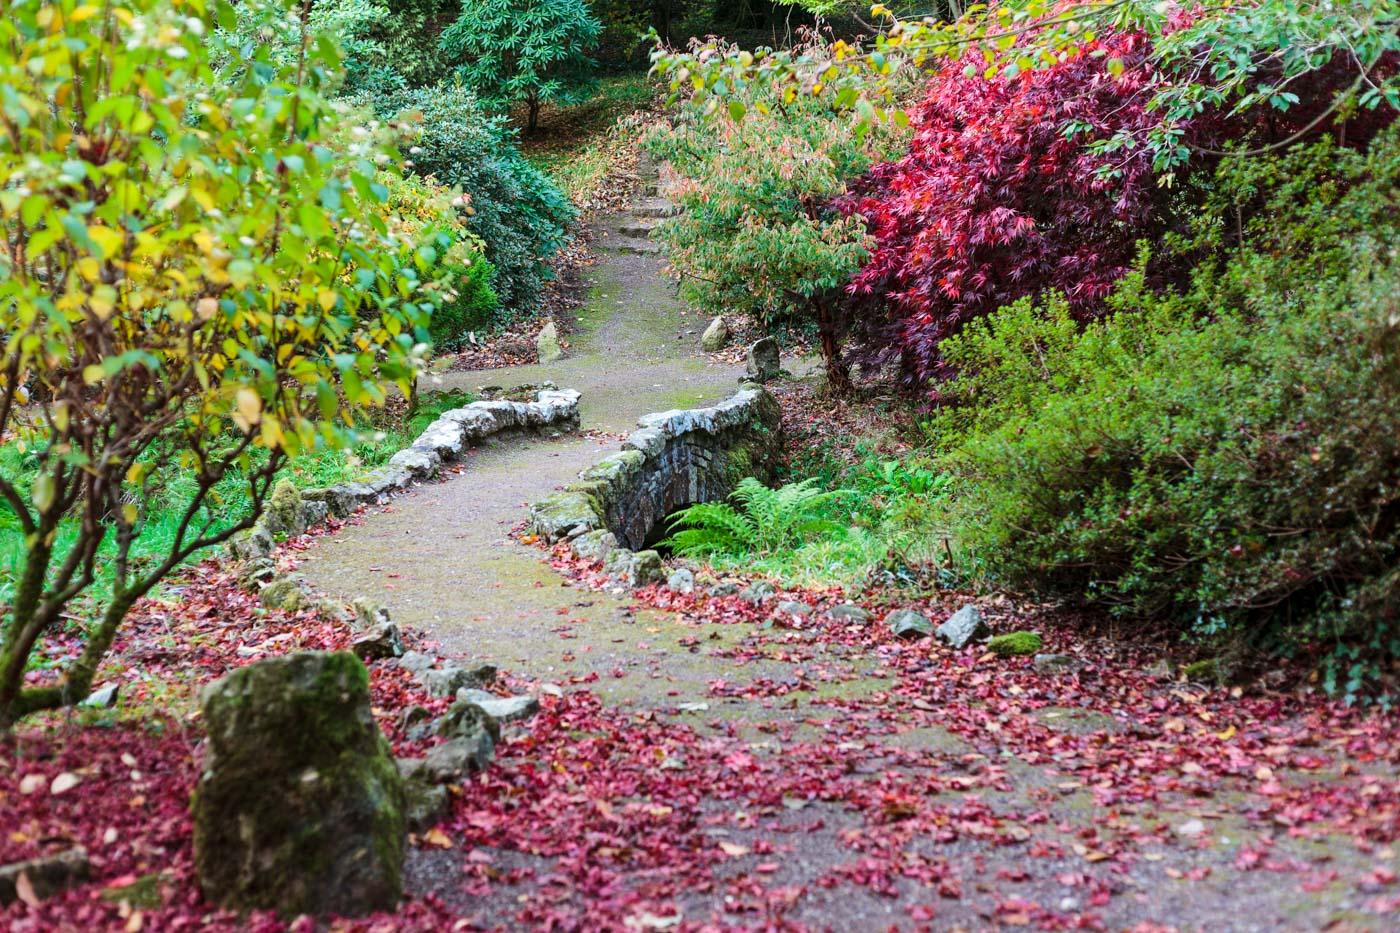 lukesland-gardens-autumn-dan-26.jpg